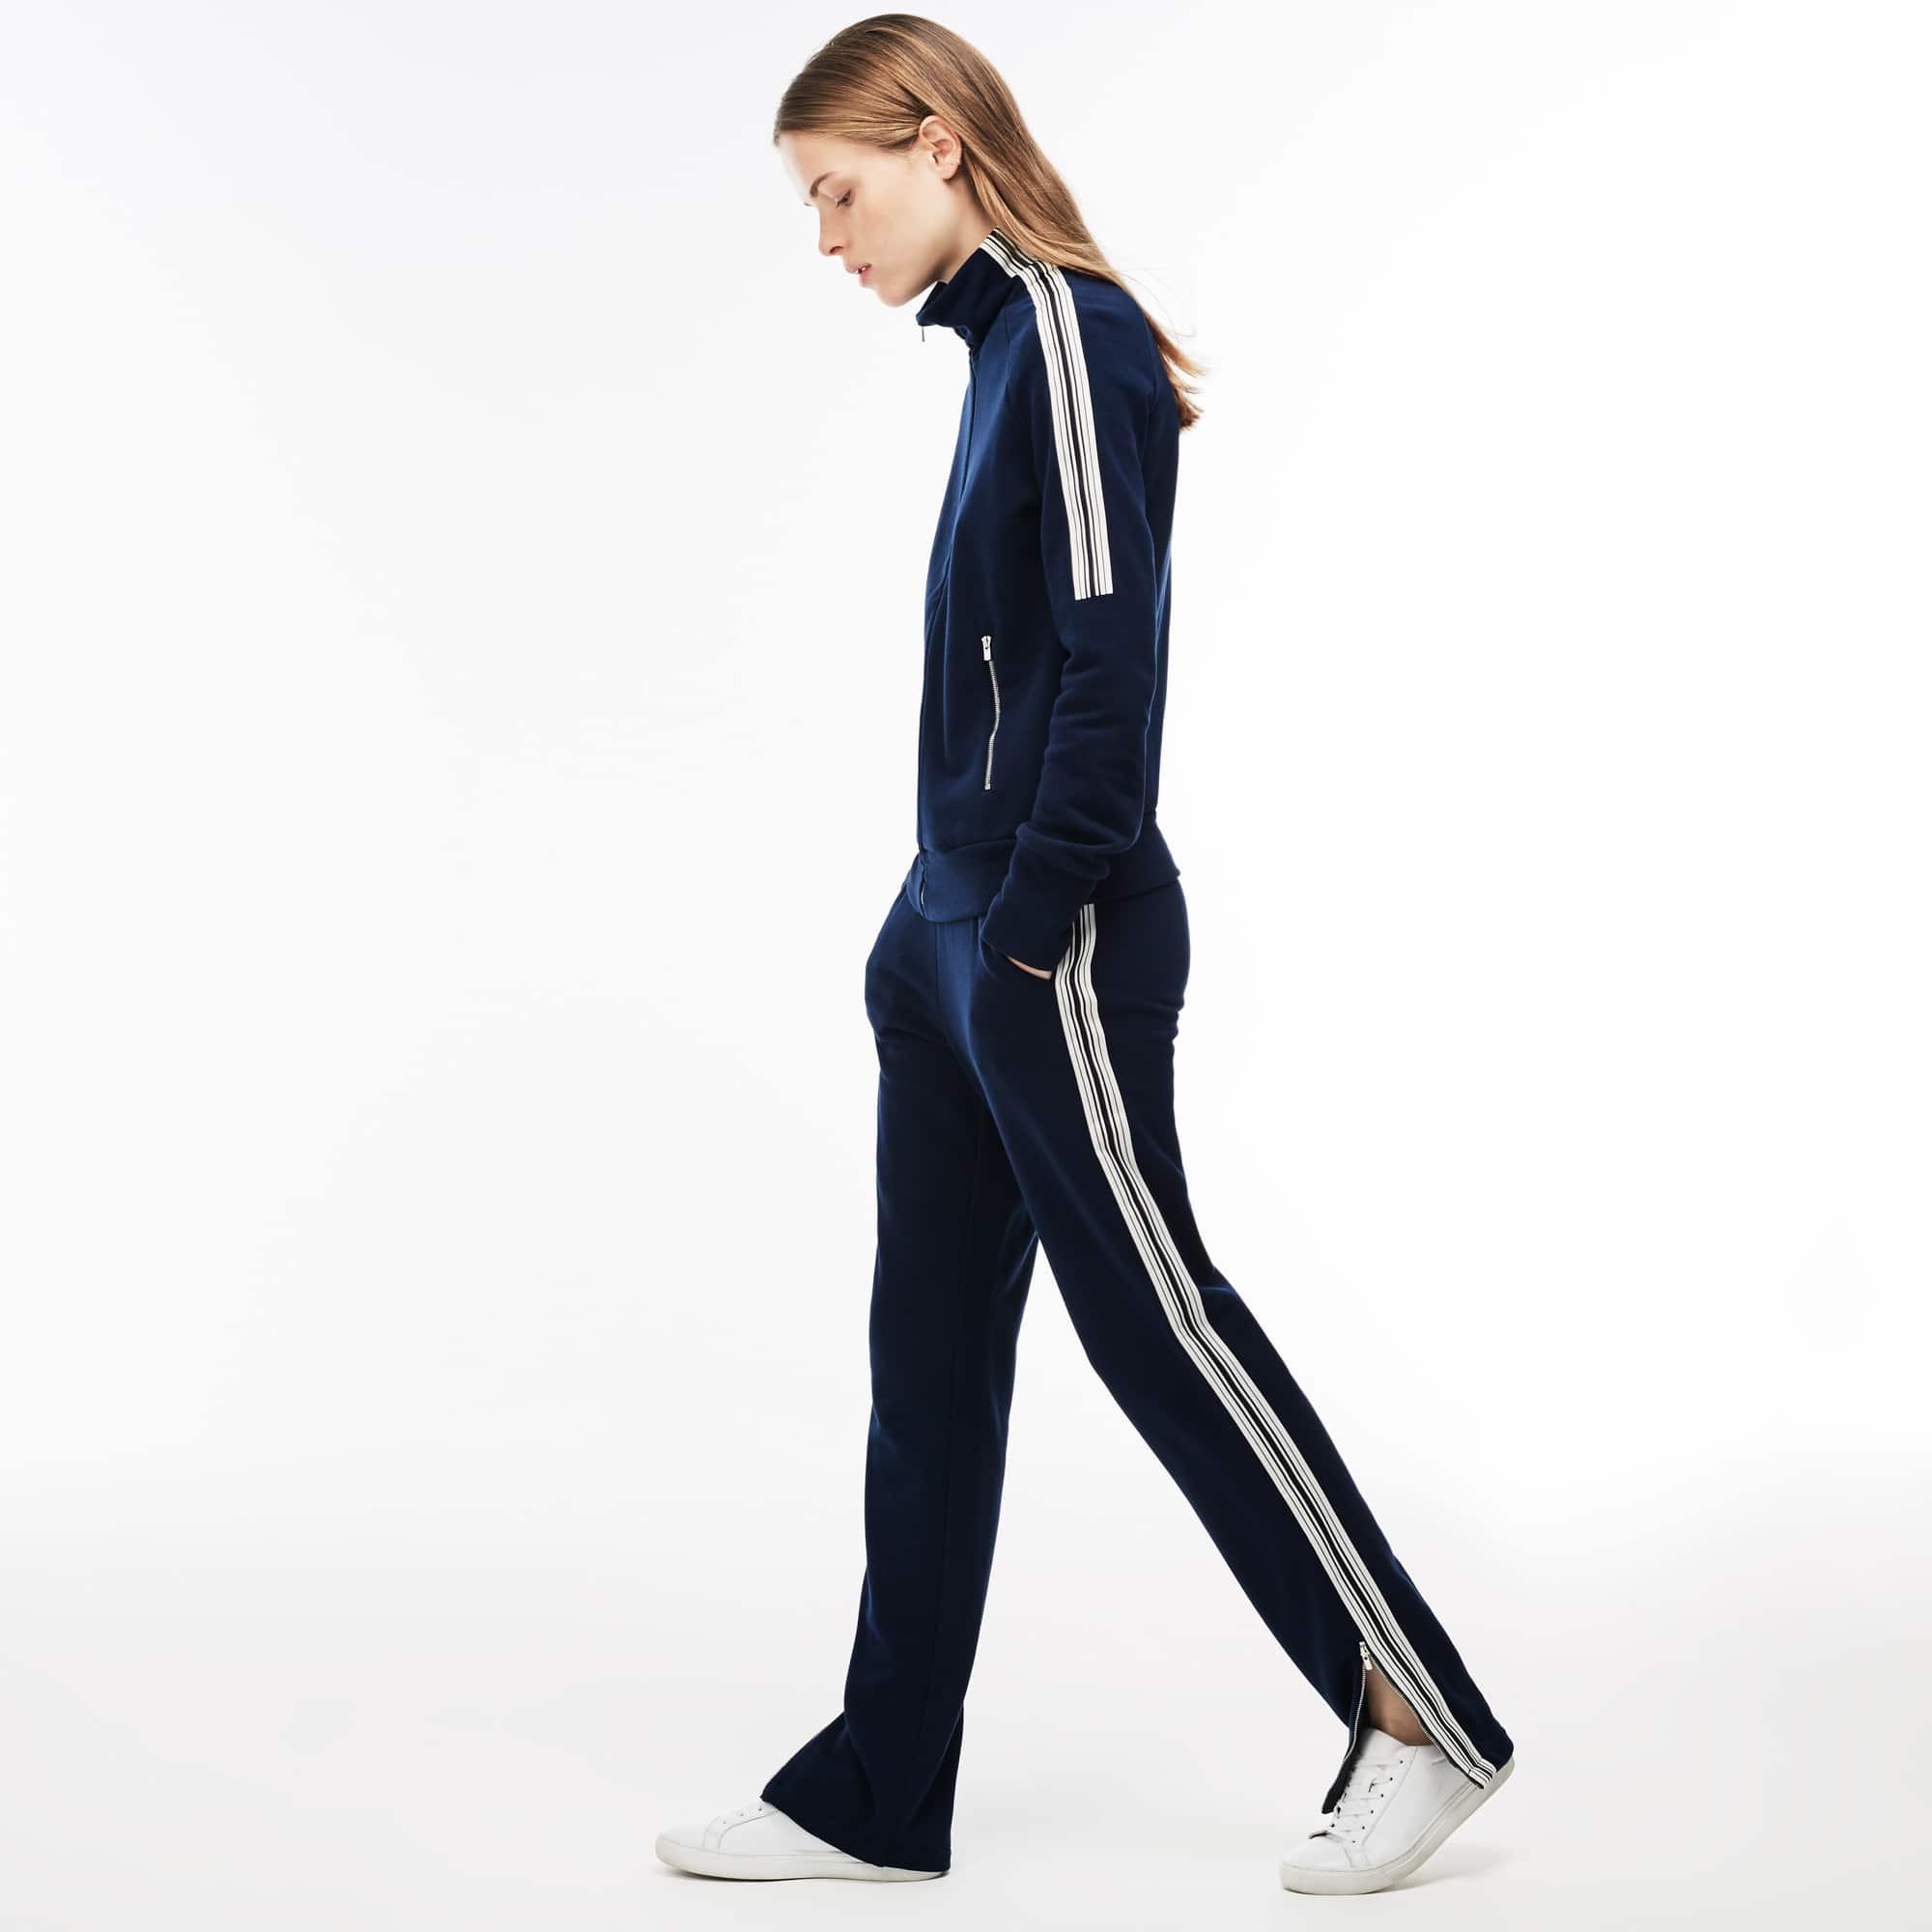 Women's Contrast Bands Crepe Fleece Urban Sweatpants